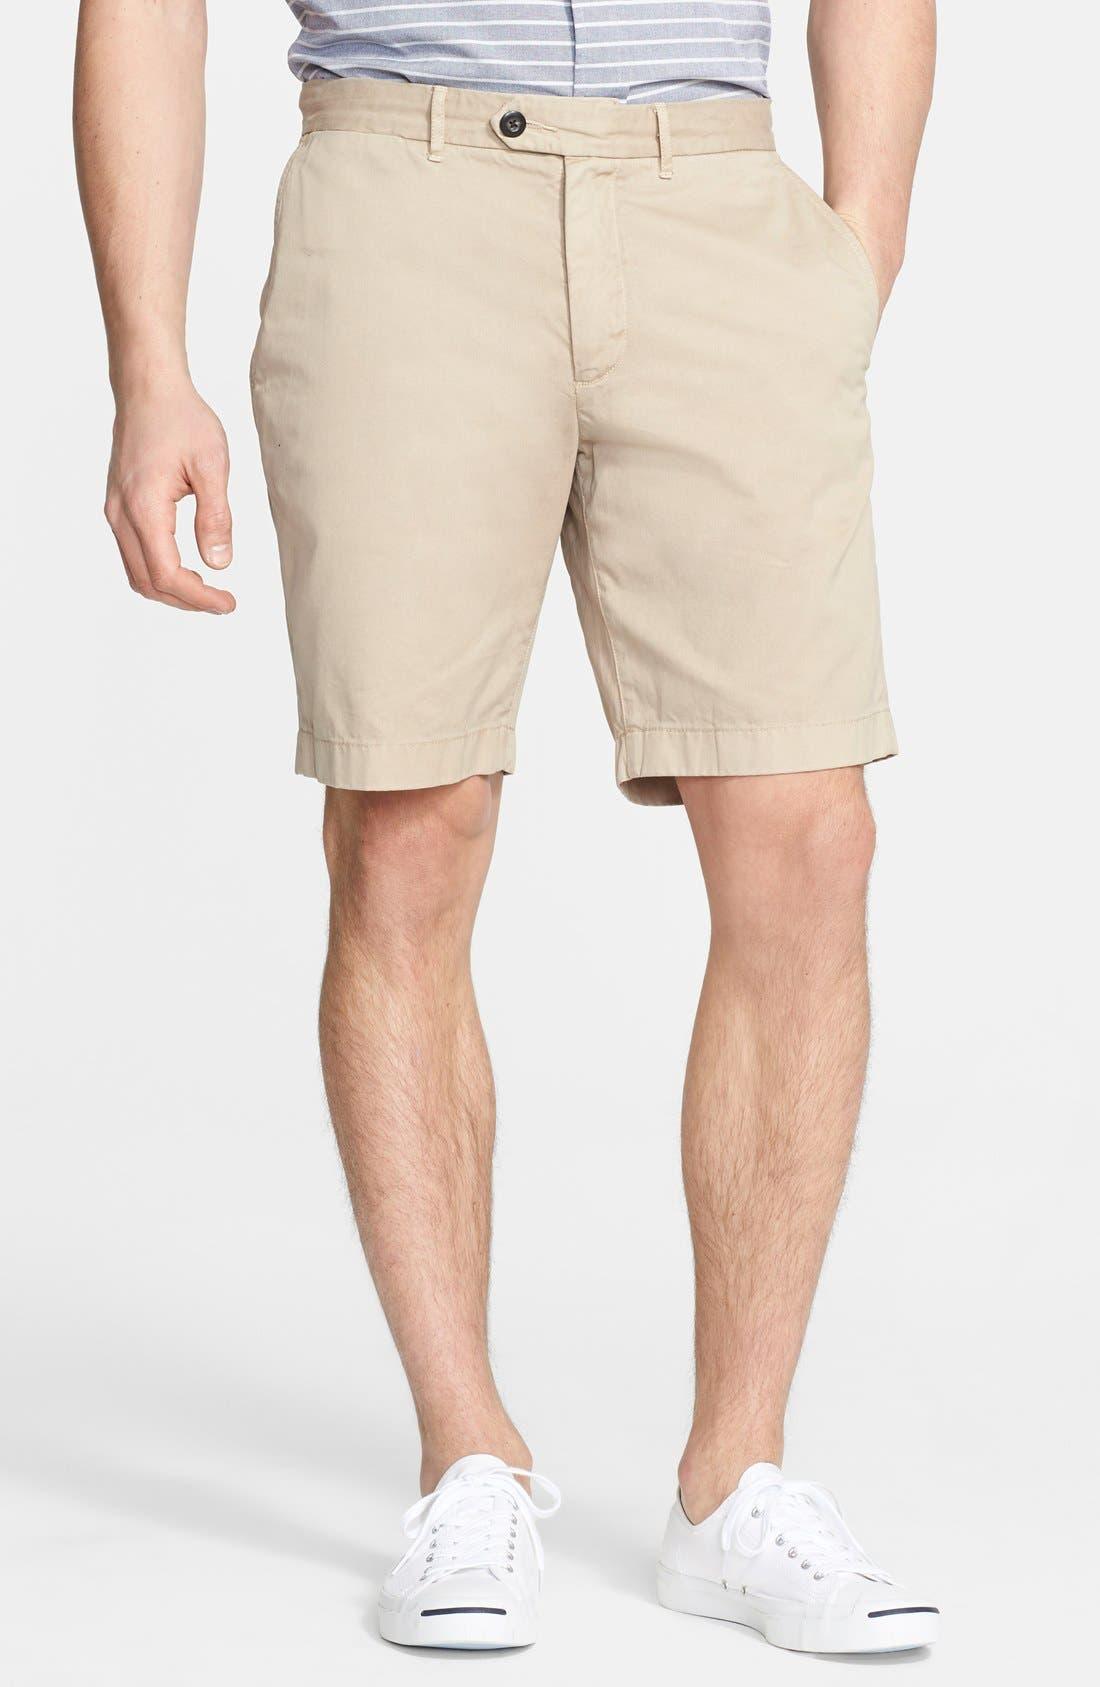 JACK SPADE, 'Sharpe' Shorts, Main thumbnail 1, color, 260